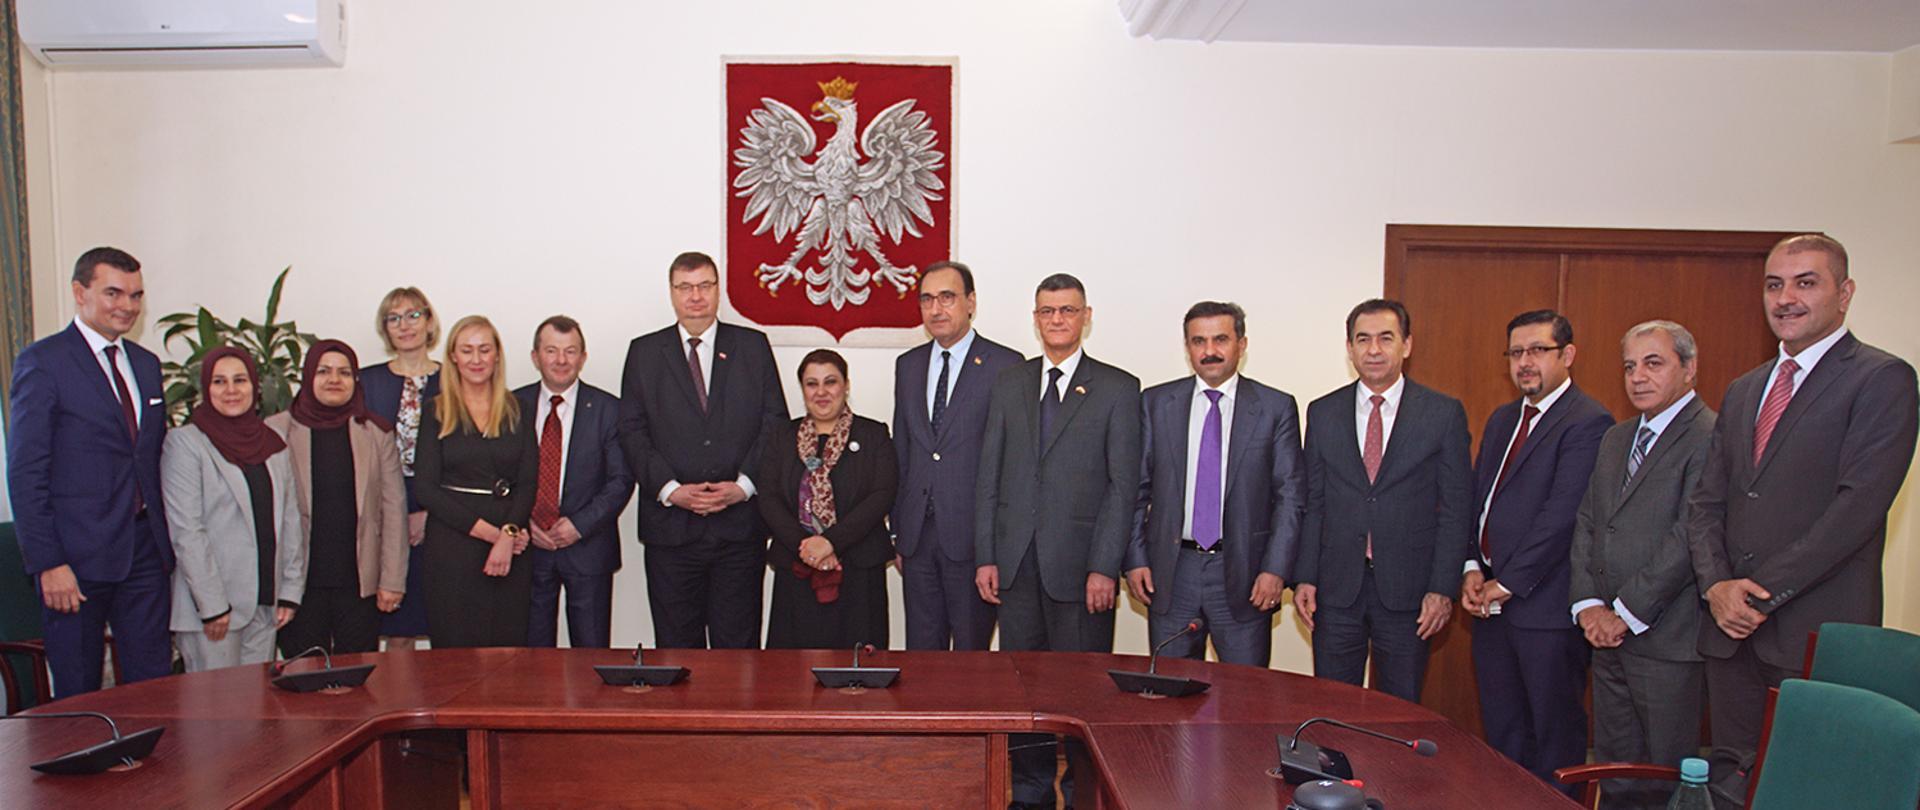 G+é+-wne_Spotkanie_z_delegacj¦ů_z_Kurdystanu